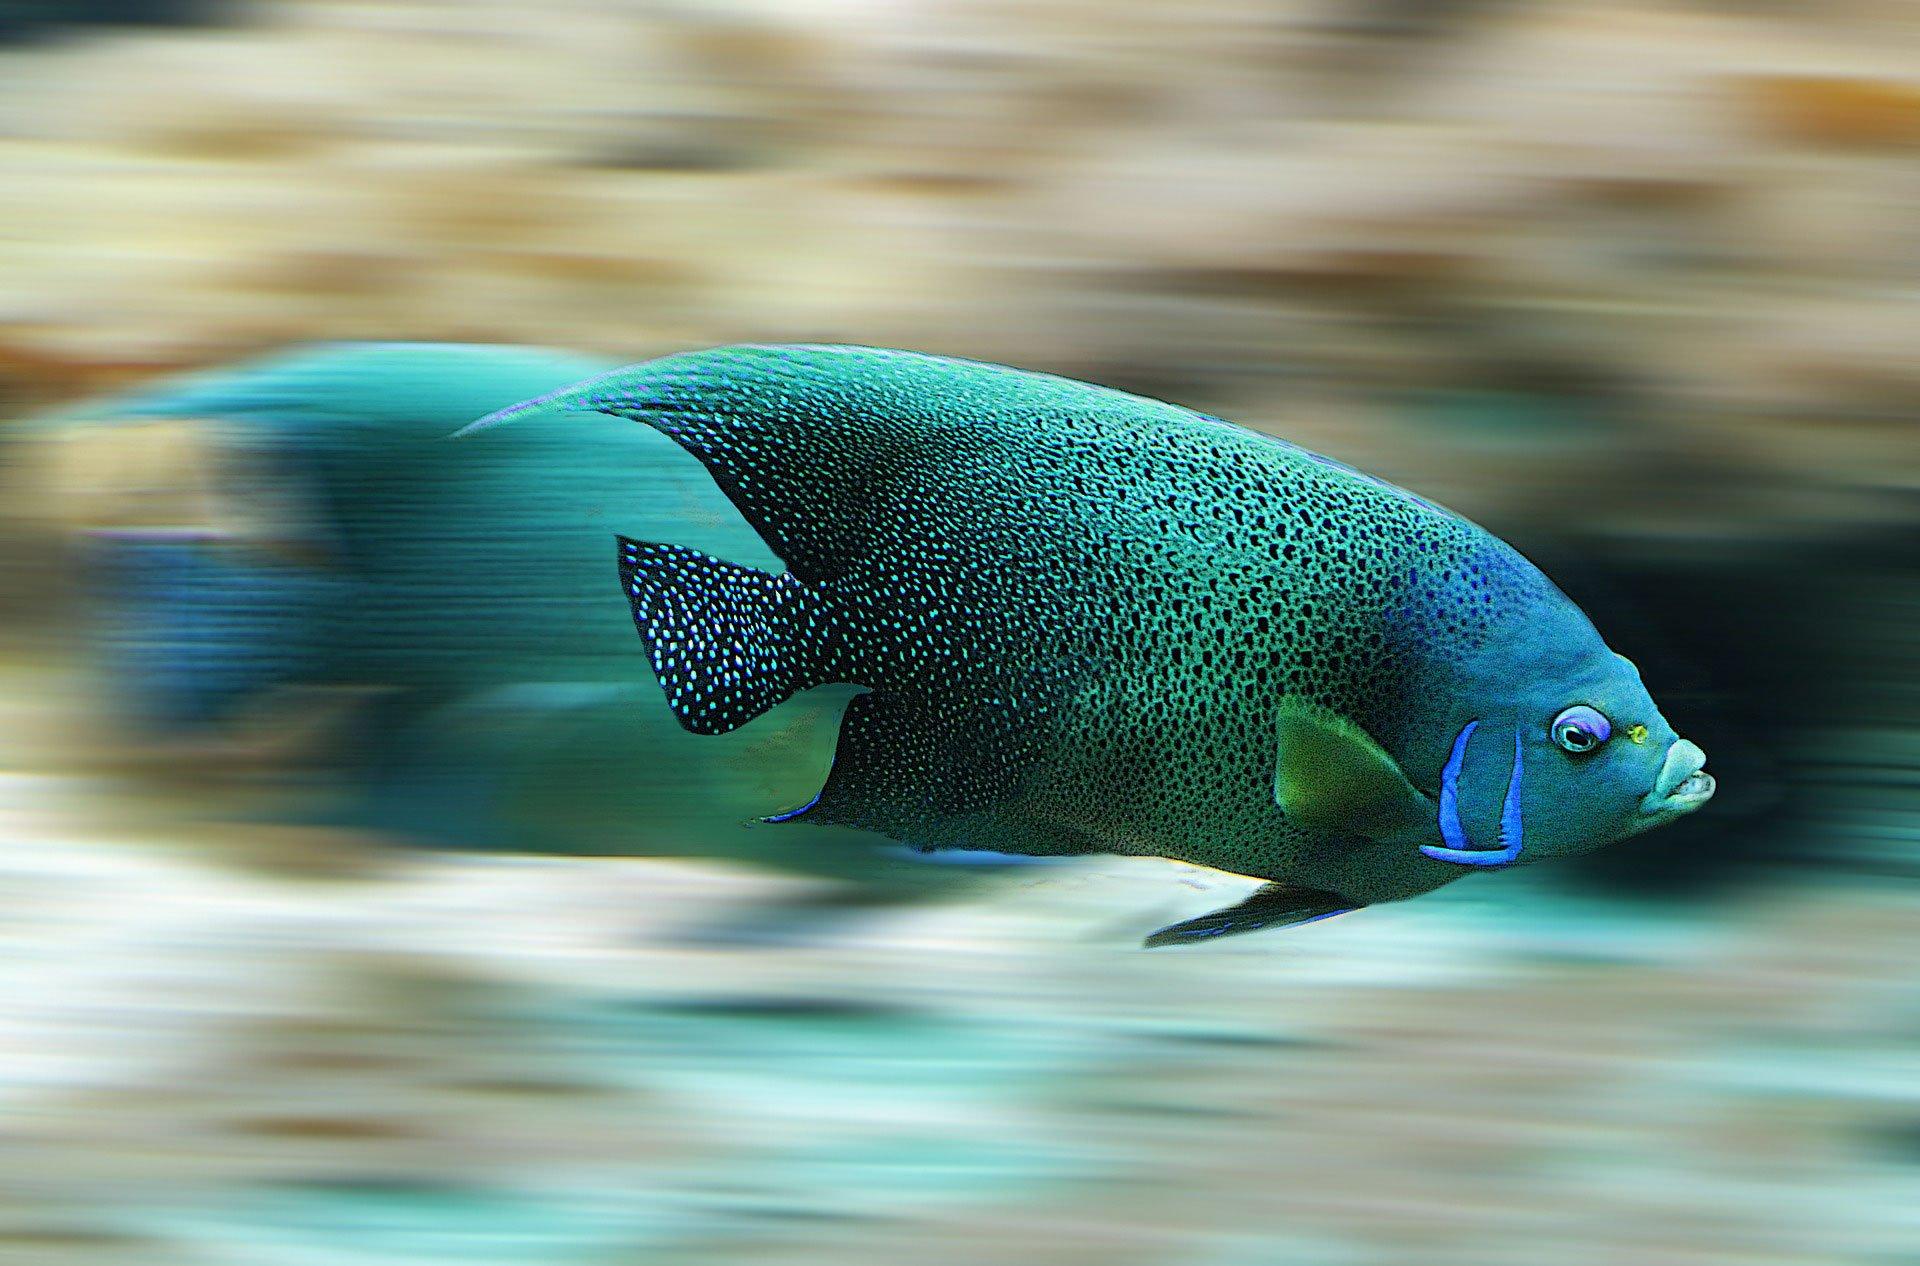 ryby są głupie – mity na temat zwierząt